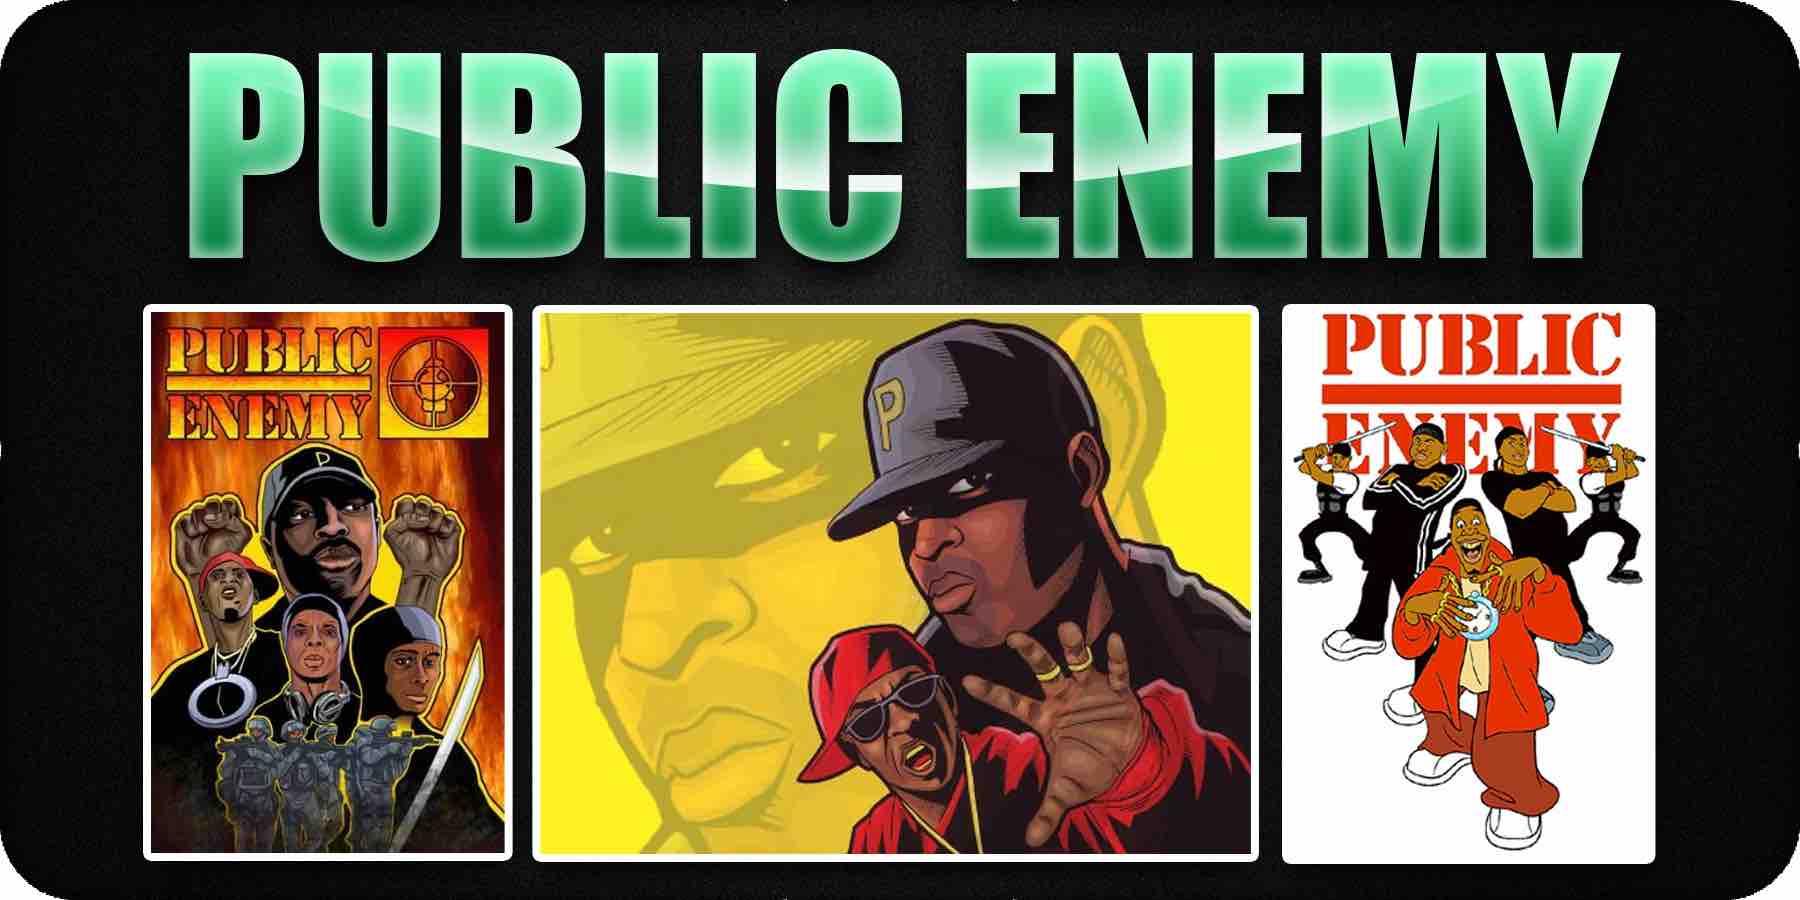 Public Enemy cartoon album covers